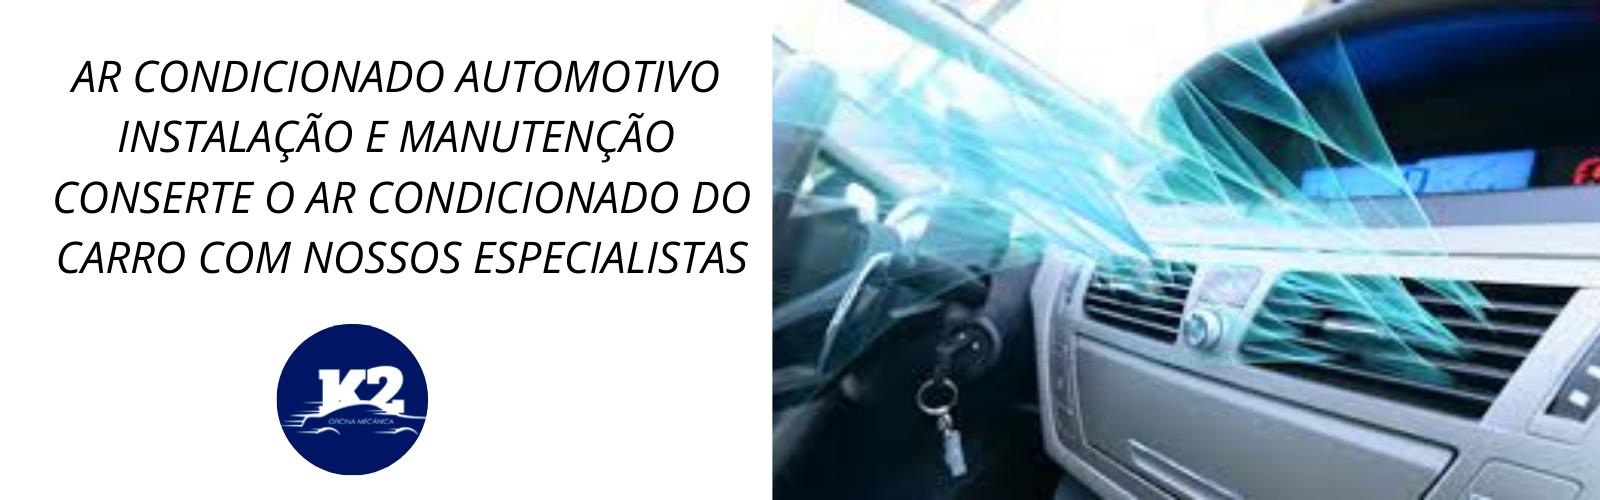 servicos-mecancios-automotivos-sp